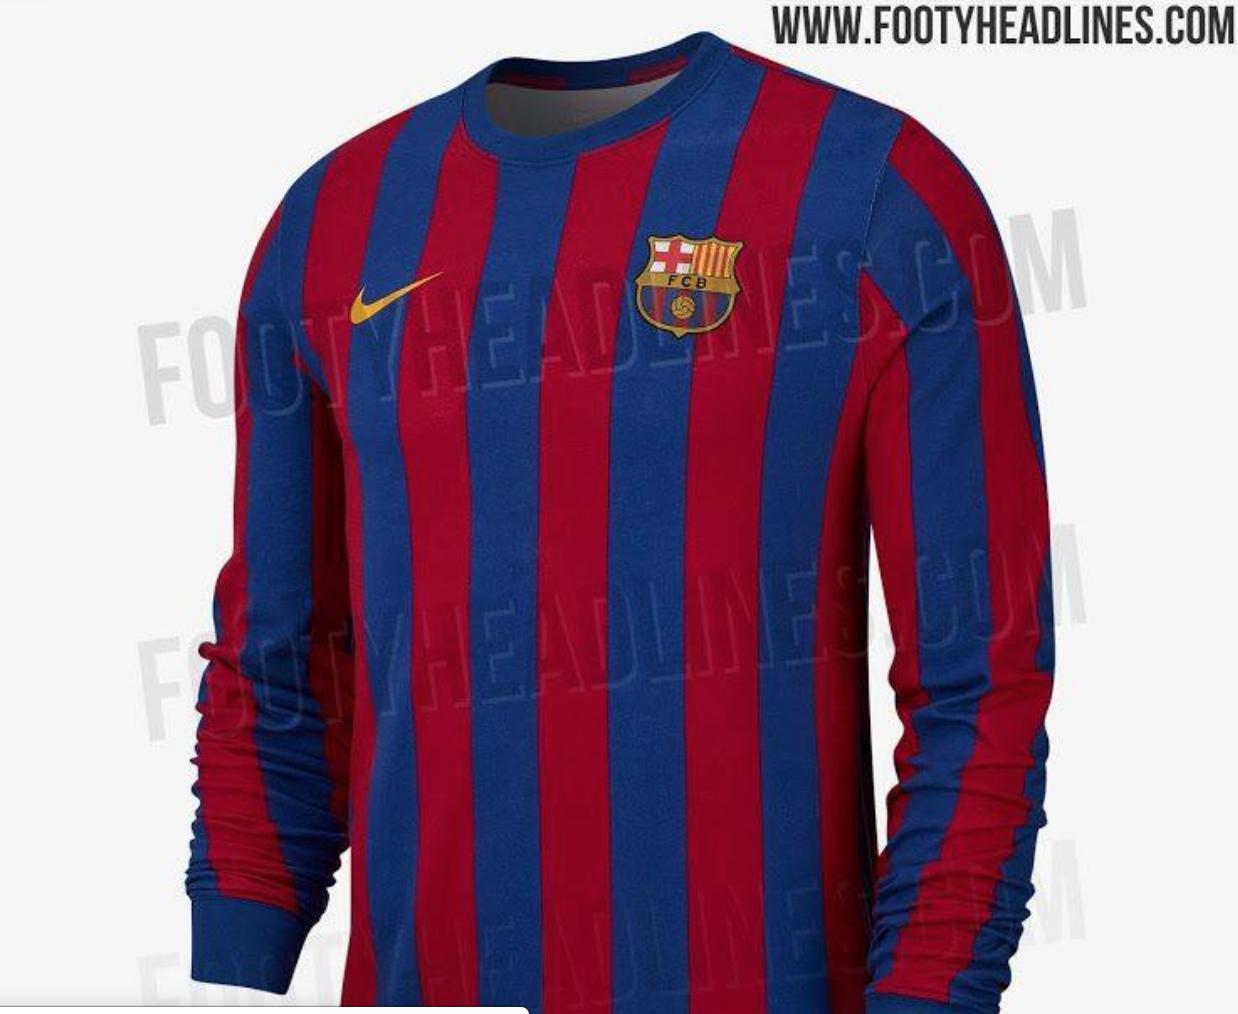 0495d64a0b Se filtran imágenes de la nueva playera del barcelona diario basta png  1238x1014 Nueva jersey reciente